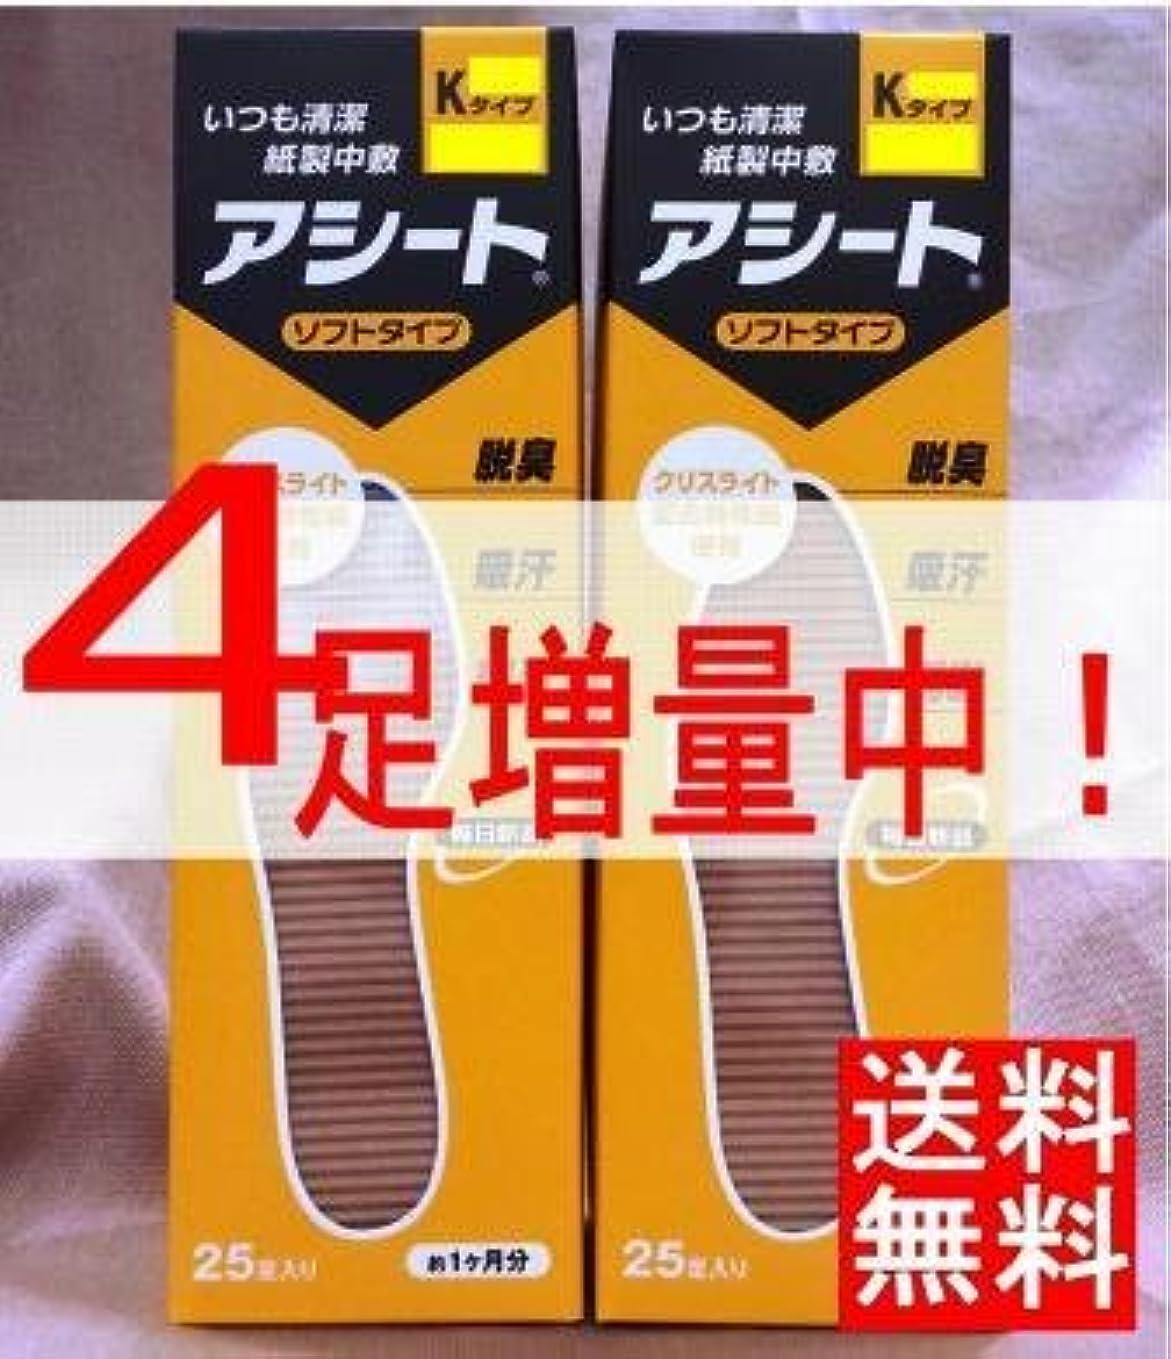 セール後方吸うアシートK(サイズ27cm)×2箱セット(4足増量中)